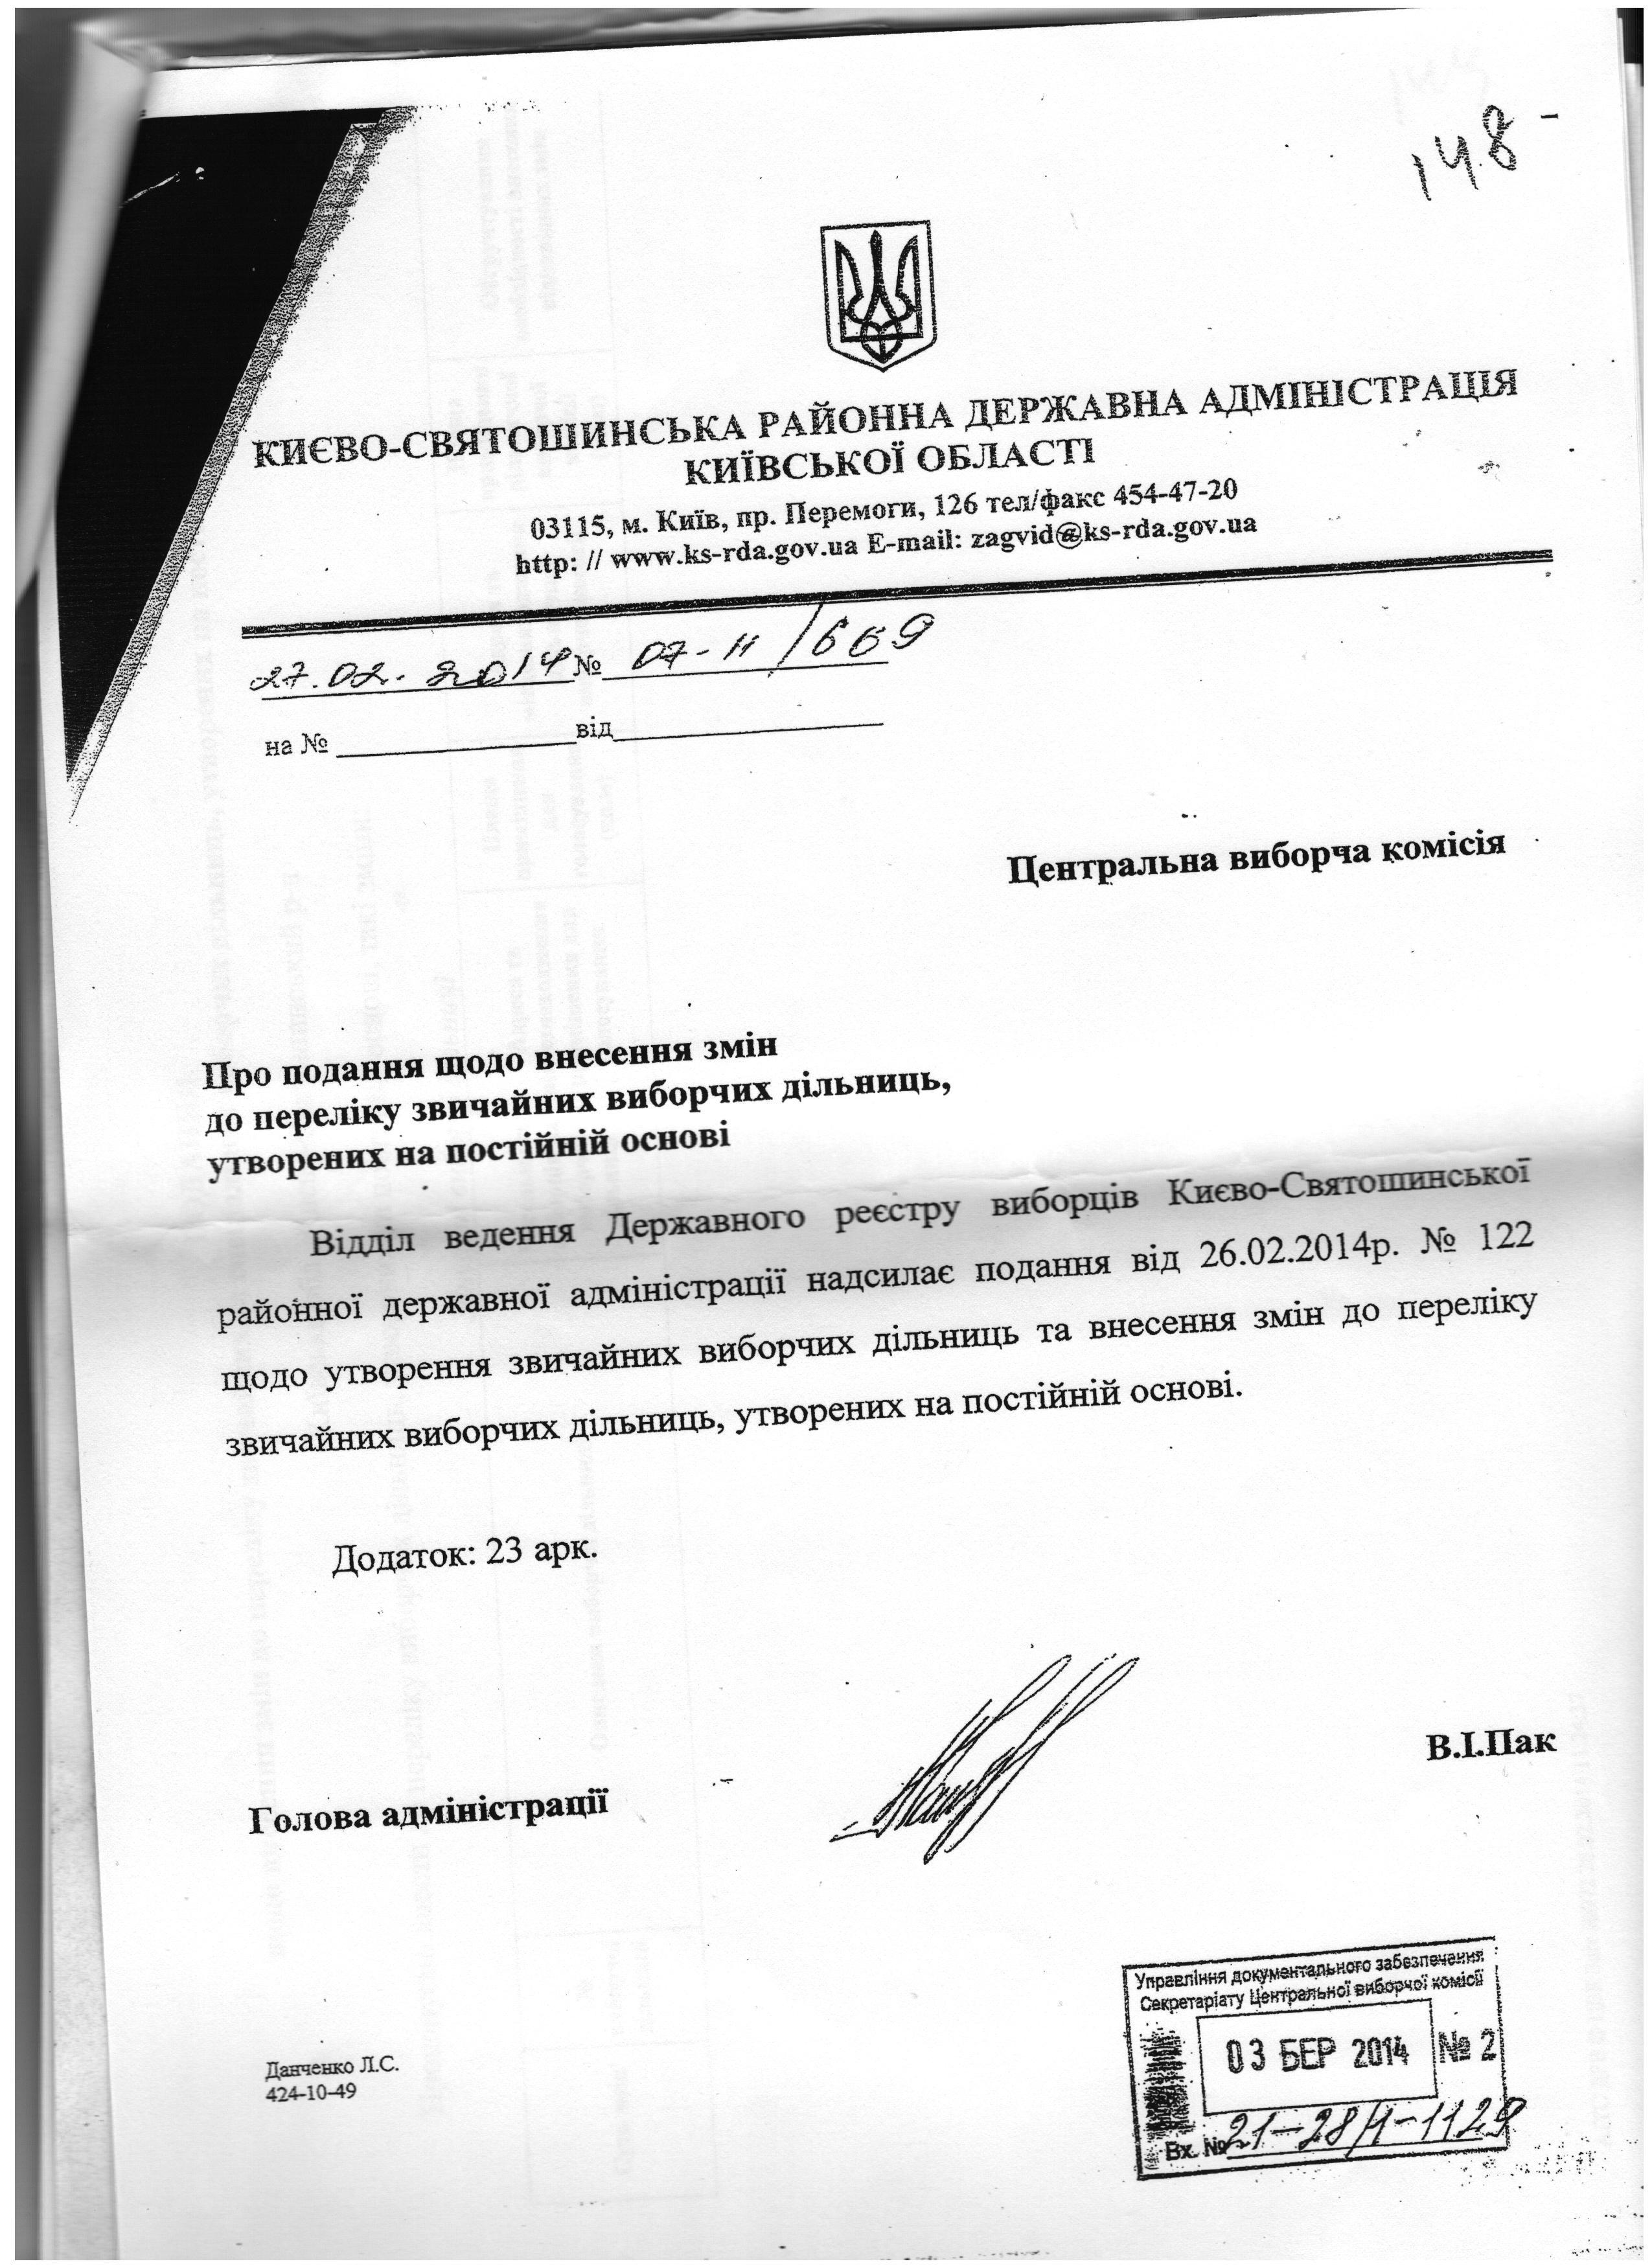 Пак про утворення нових  виборчих дільниць в селі Софіївська Борщагівка на підставі даних Києво Святошинської РДА 1